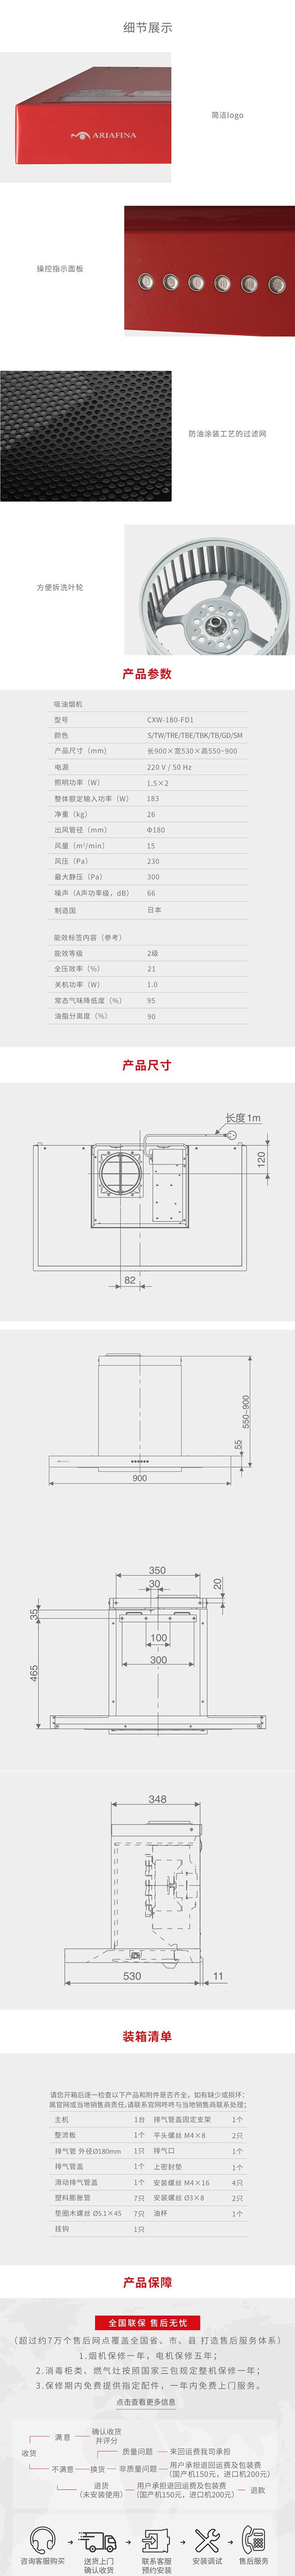 水鹿卫浴-厨房-油烟机-富士帝(FUJIOH)爱莉菲尼系列日本原装进口顶吸油烟机 FD1